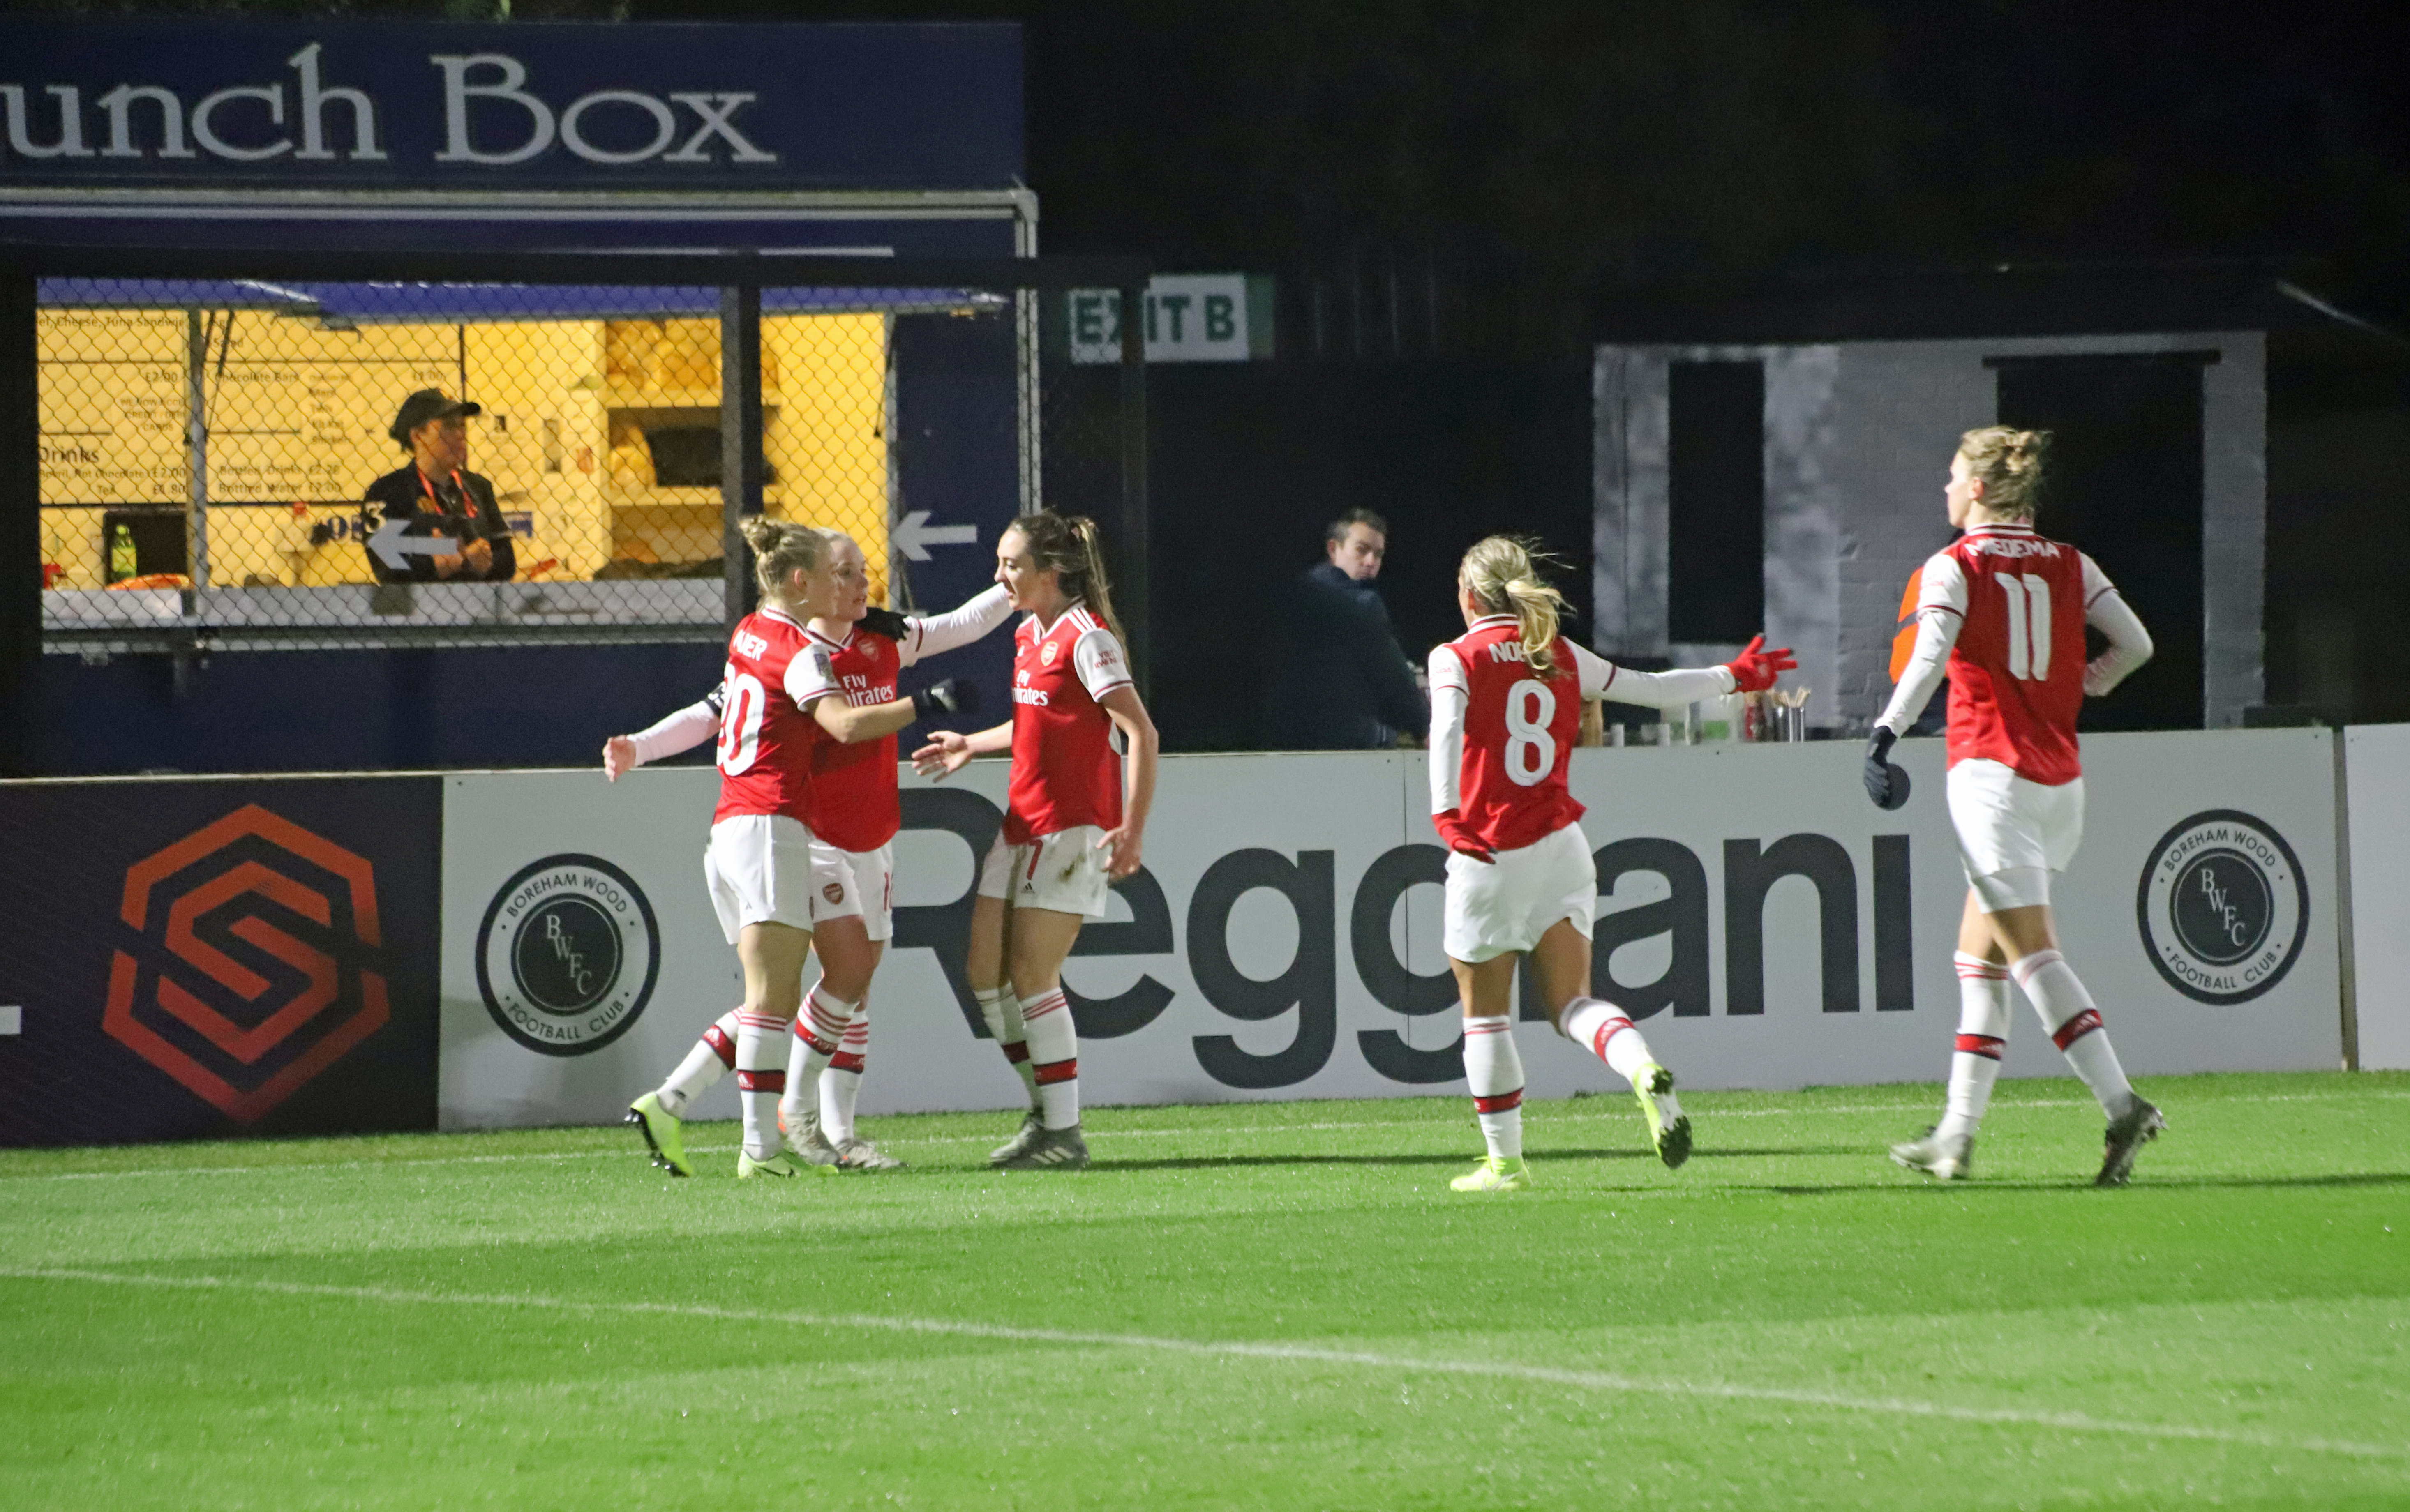 1-0 Arsenal